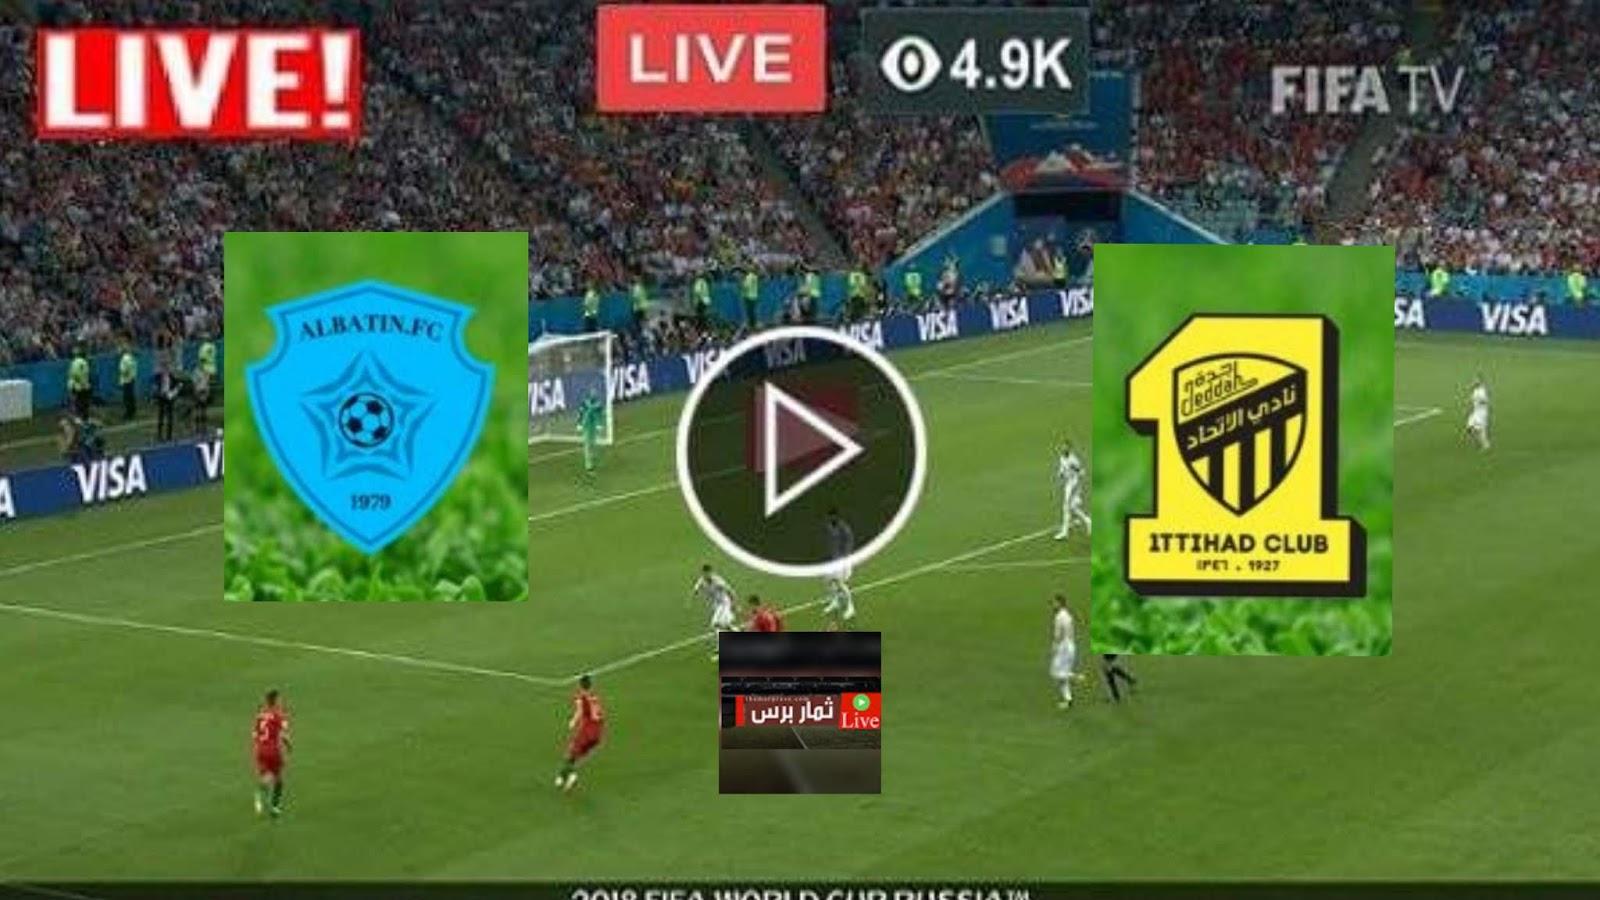 مشاهدة مباراة الاتحاد والباطن بث مباشر بتاريخ 01-04-2019 كأس خادم الحرمين الشريفين